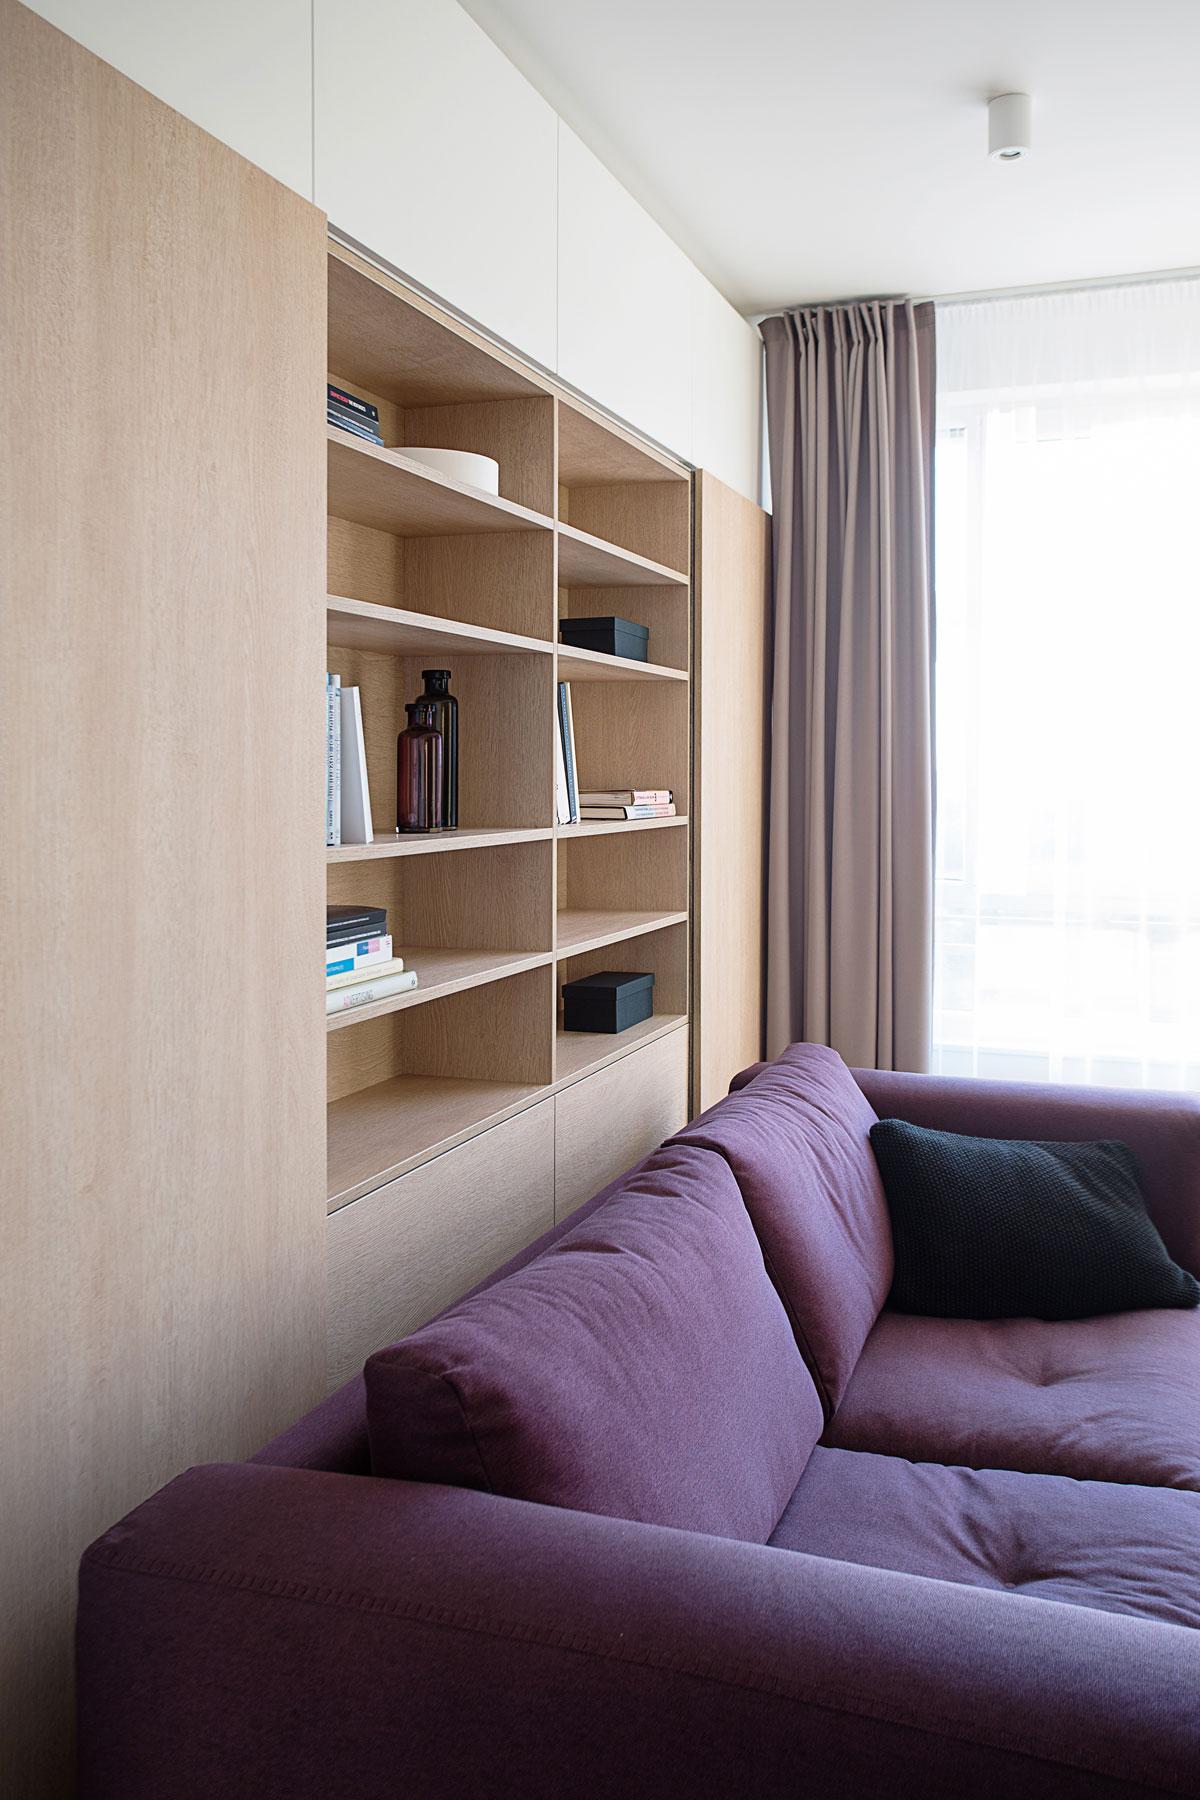 Apartment-in-Vilnius-2-04